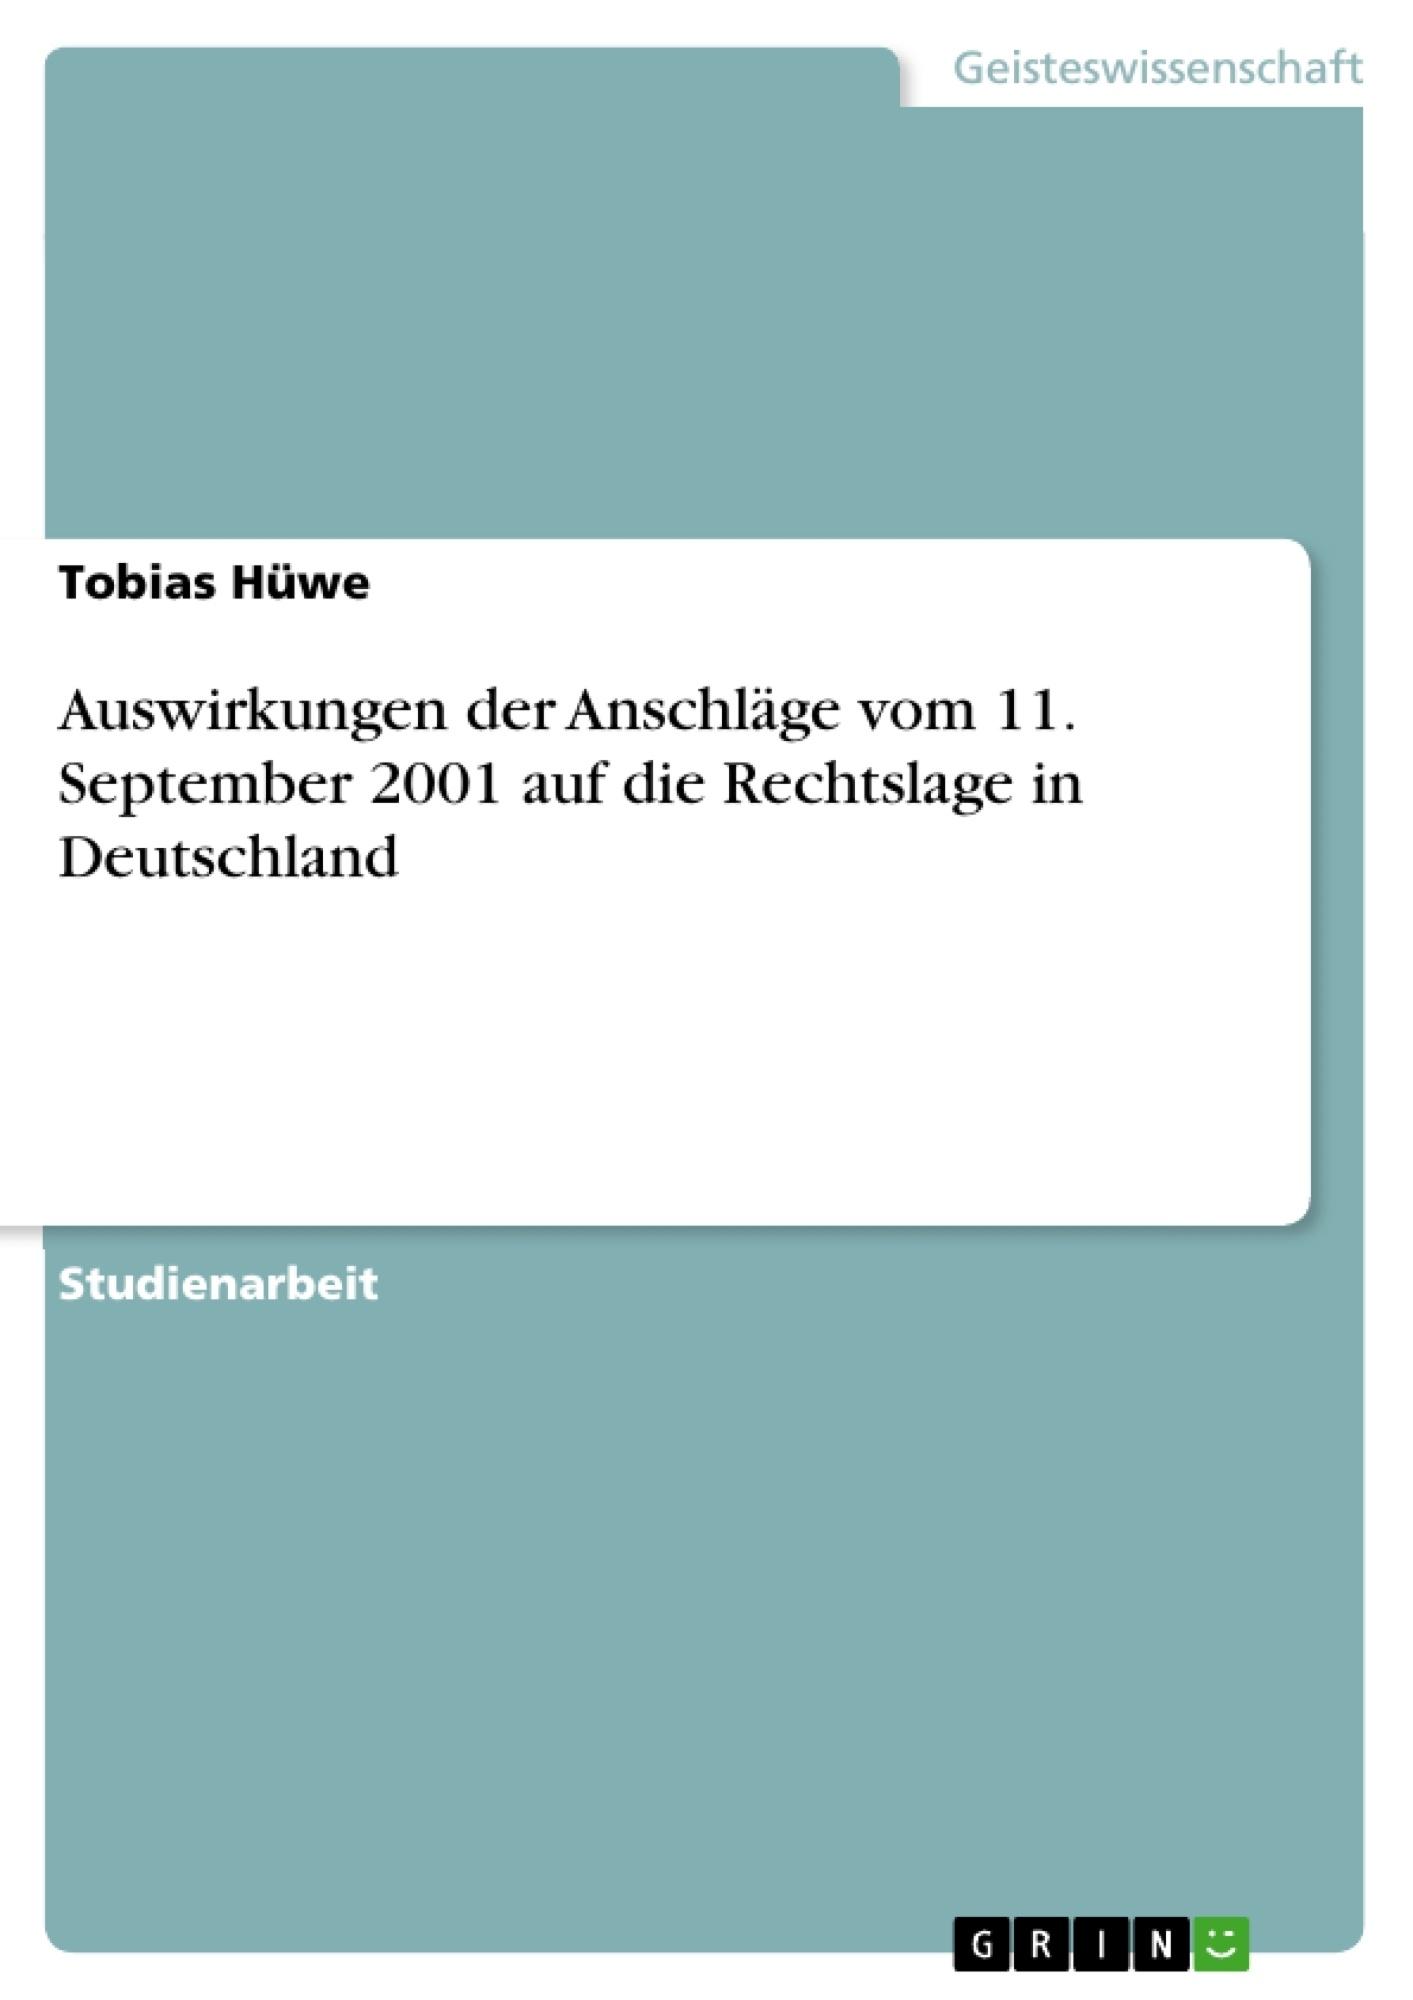 Titel: Auswirkungen der Anschläge vom 11. September 2001 auf die Rechtslage in Deutschland